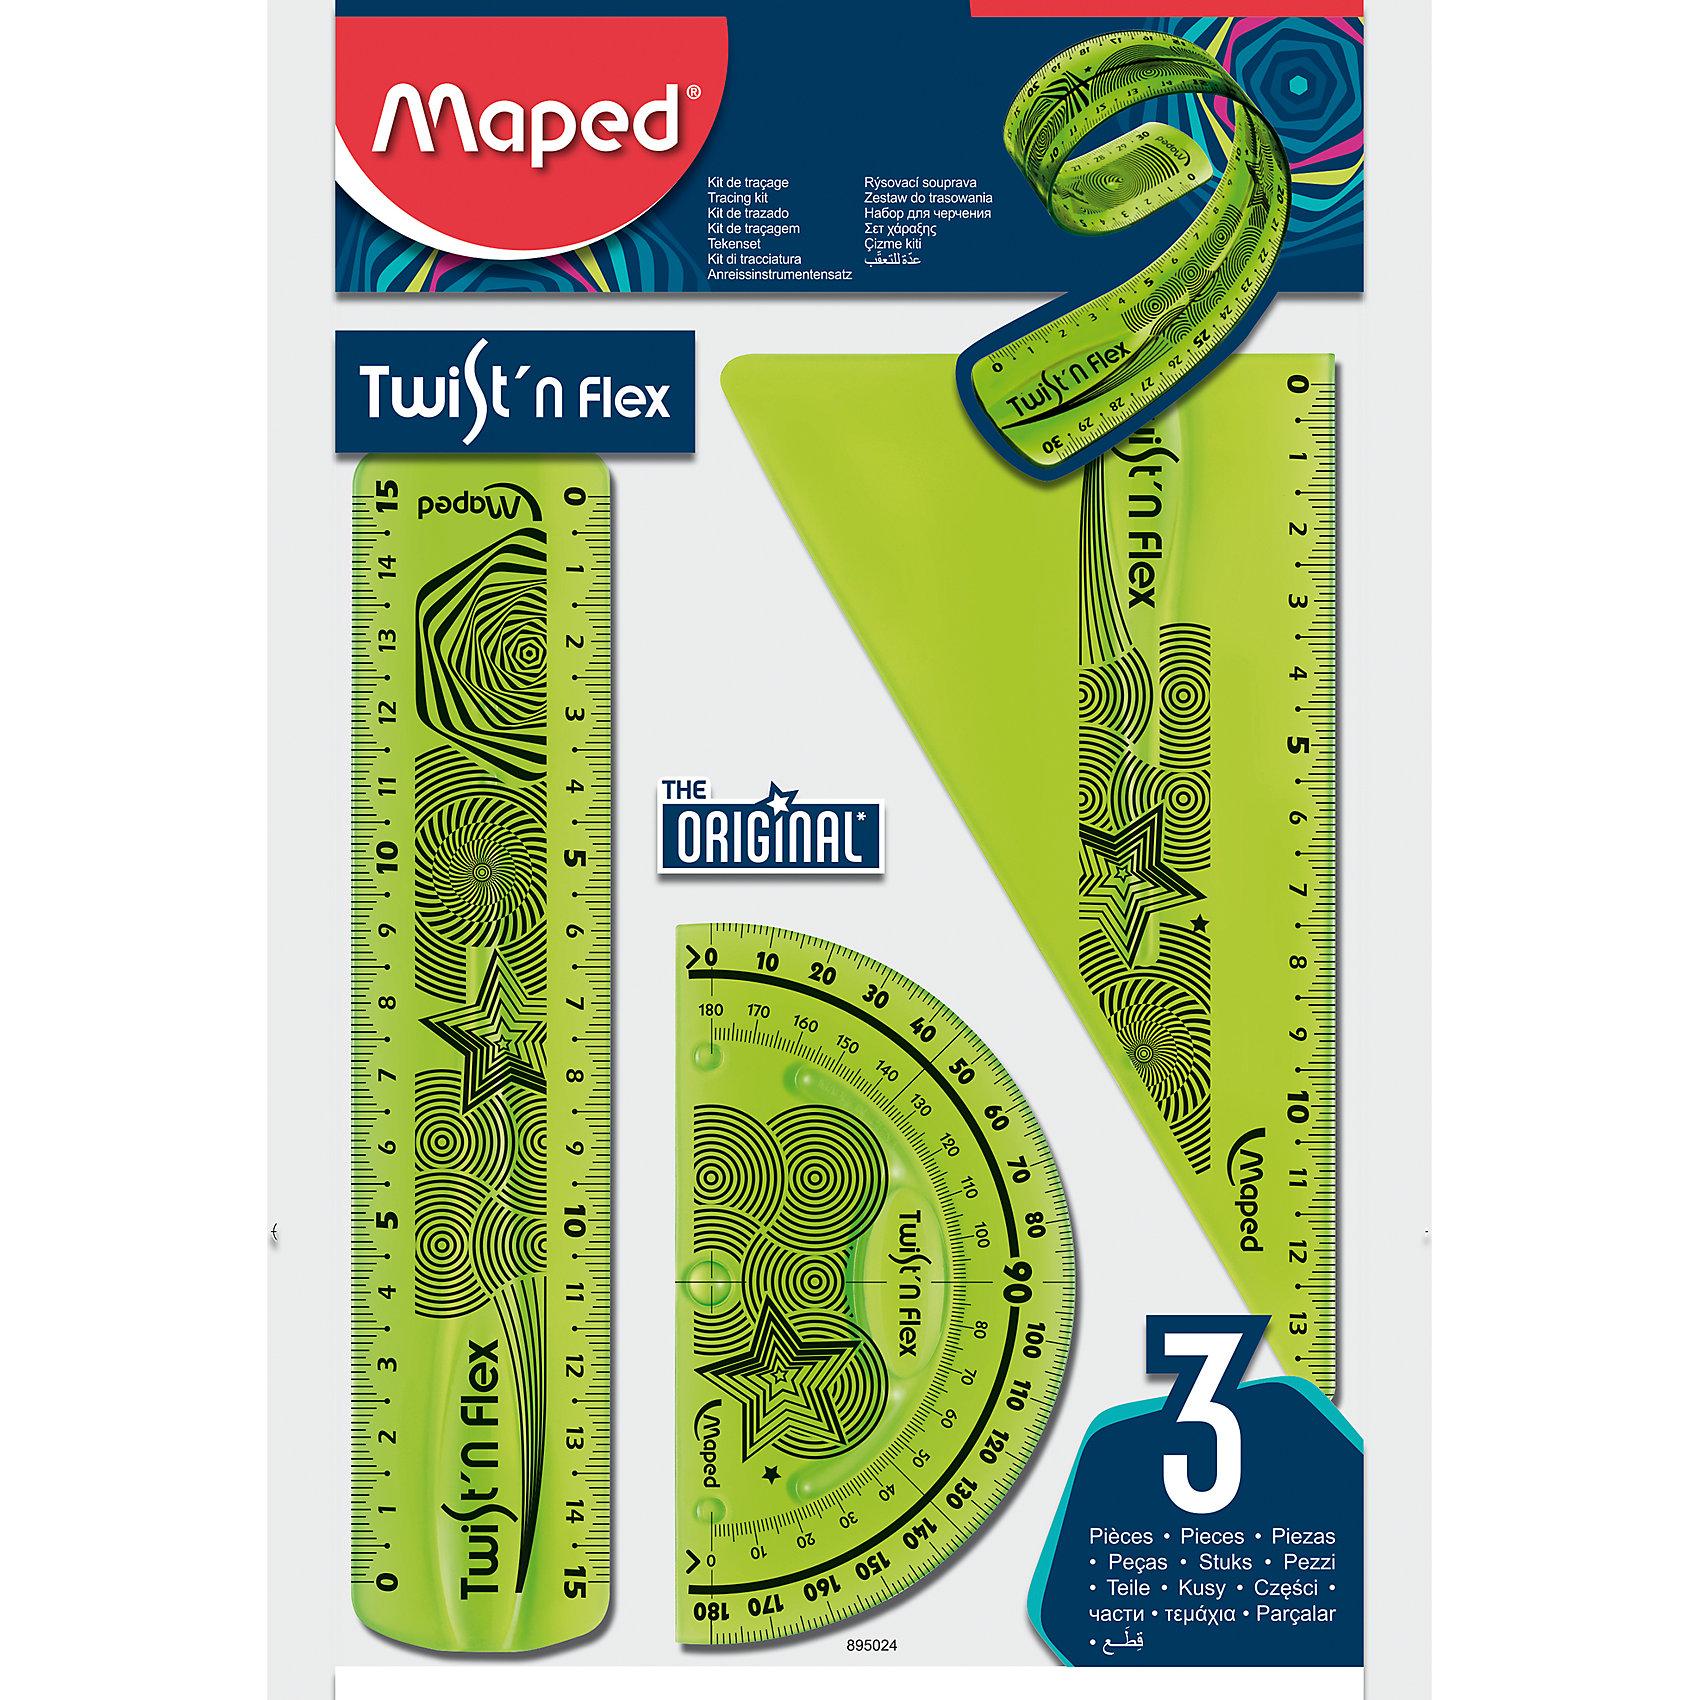 Набор Maped Twistn FlexЧертежные принадлежности<br>Набор Maped Twistn Flex.<br><br>Характеристики:<br><br>• Для детей в возрасте: от 6 лет<br>• В наборе: линейка 15 см, угольник 60°/15 см, транспортир 180°/10 см.<br>• Материал: пластик<br>• Размер упаковки: 18х14,5х1 см.<br><br>Набор гибких чертежных инструментов Twistn Flex, от MAPED (МАПЕД), выполненный из цветного прозрачного пластика, содержит все, что может понадобиться ученику на уроках математики. Чертежные инструменты разработаны с учетом всех потребностей ребенка. Все чертежные инструменты сгибаются в любом направлении, и после непродолжительного времени принимают первоначальную форму, не деформируются. Разметка шкалы нанесена на внутреннюю поверхность чертежных принадлежностей, что предотвращает ее истирание. Шкала легкочитаемая: наглядно видно нулевую отметку, выделены каждые 5 см. Набор удобный, компактный и мобильный.<br><br>Набор Maped Twistn Flex можно купить в нашем интернет-магазине.<br><br>Ширина мм: 224<br>Глубина мм: 148<br>Высота мм: 30<br>Вес г: 32<br>Возраст от месяцев: 72<br>Возраст до месяцев: 2147483647<br>Пол: Унисекс<br>Возраст: Детский<br>SKU: 5530049